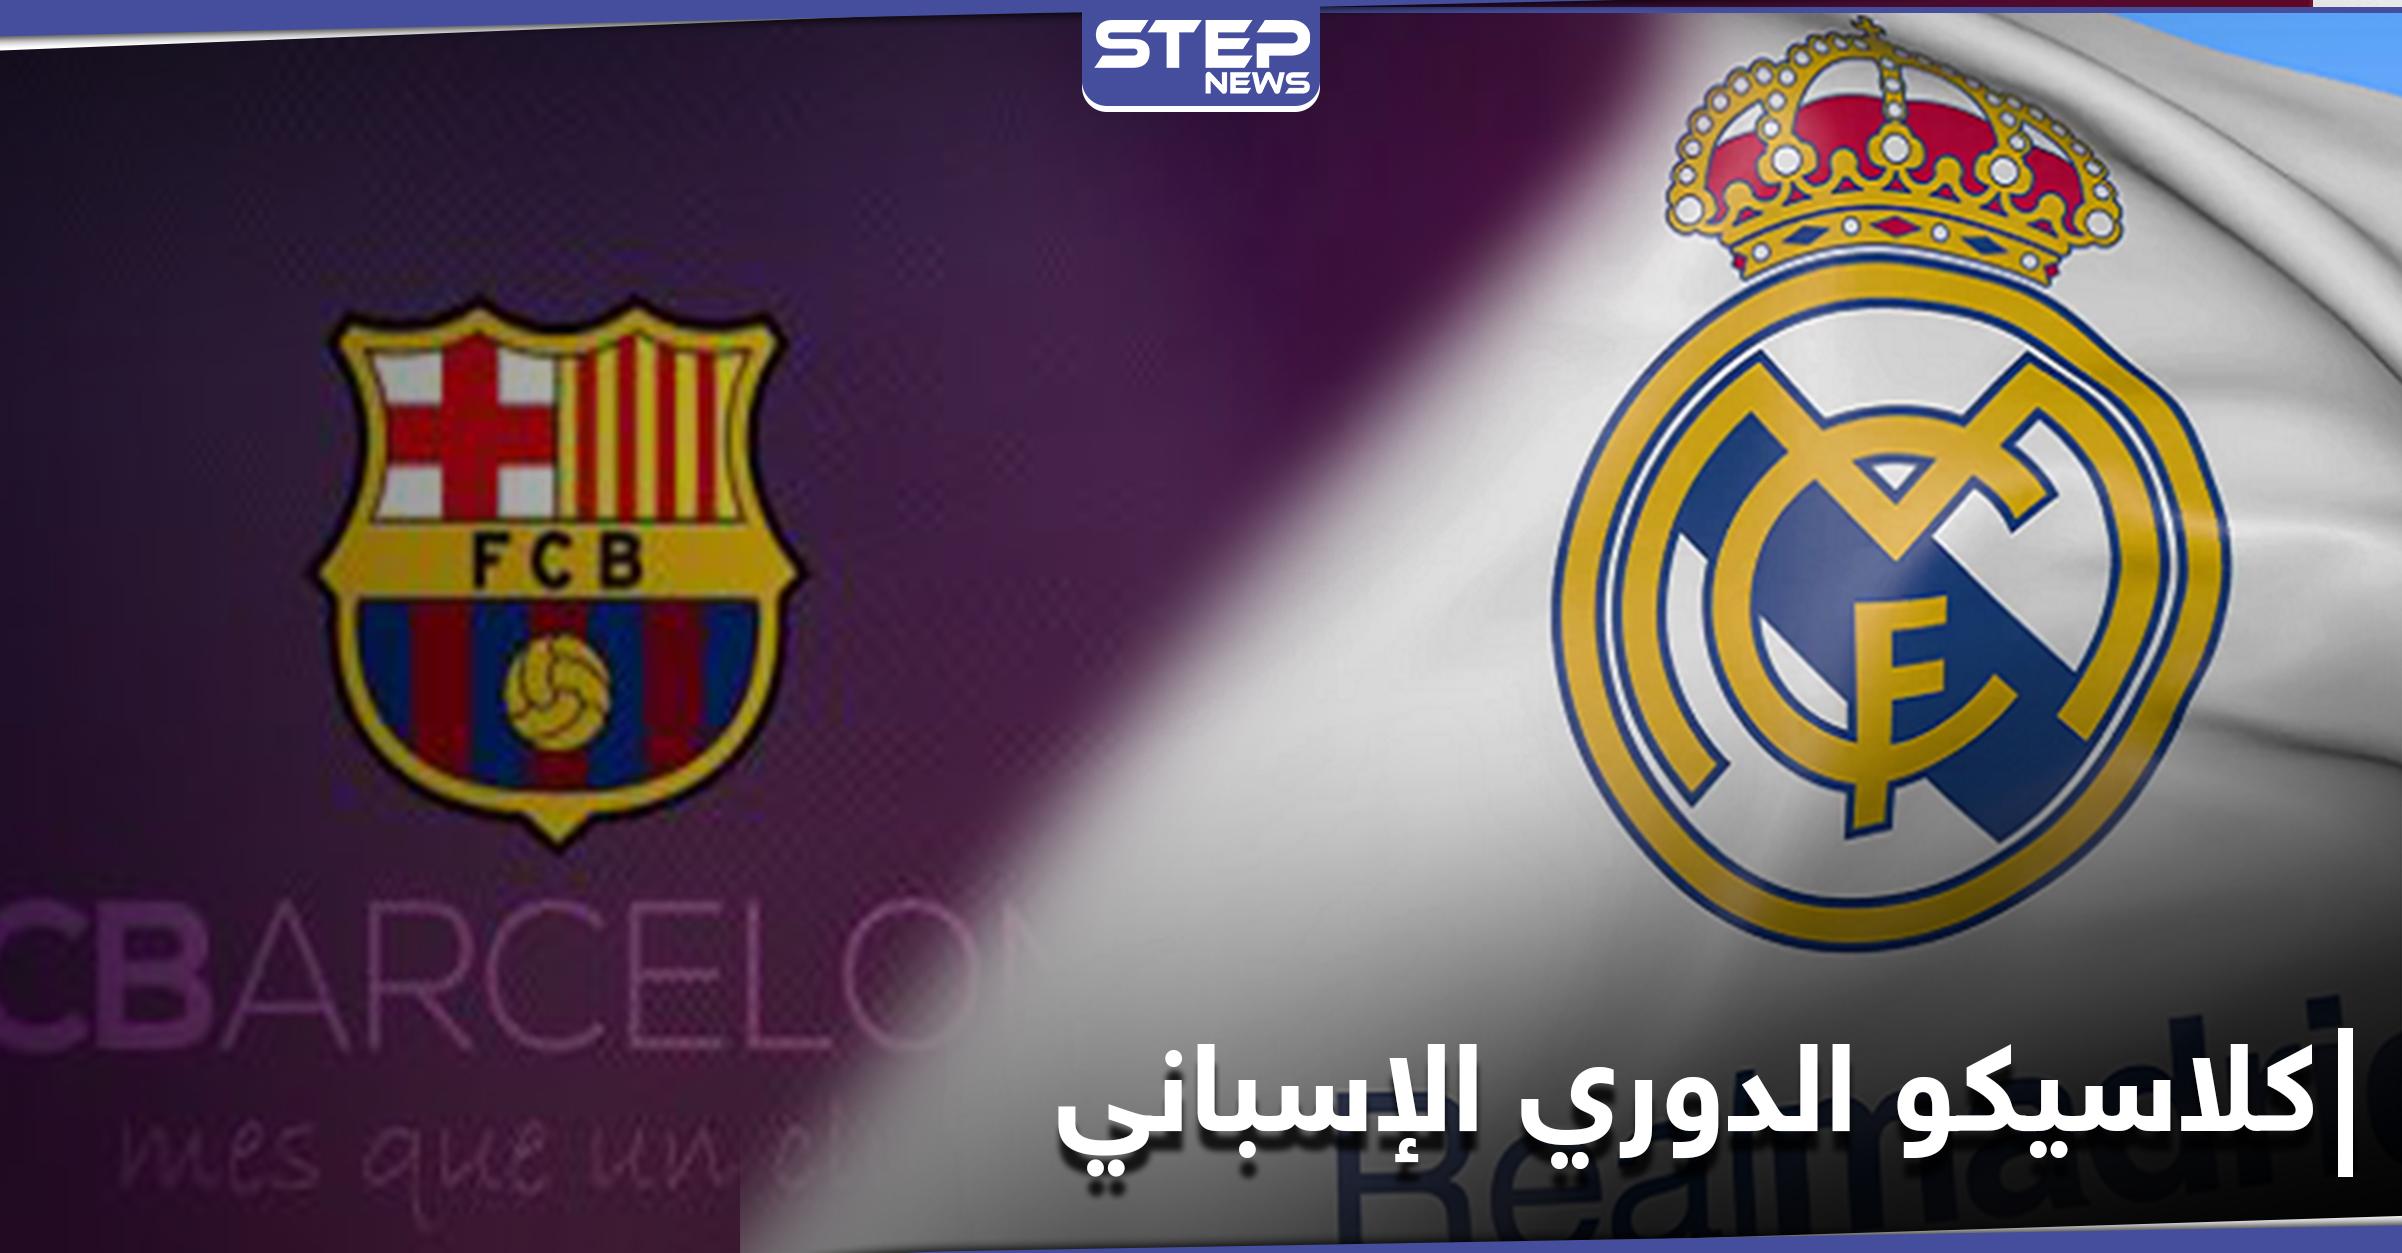 الملايين ينتظرون الكلاسيكو بين برشلونة وريال مدريد اليوم إليك القنوات الناقلة وموعد البث